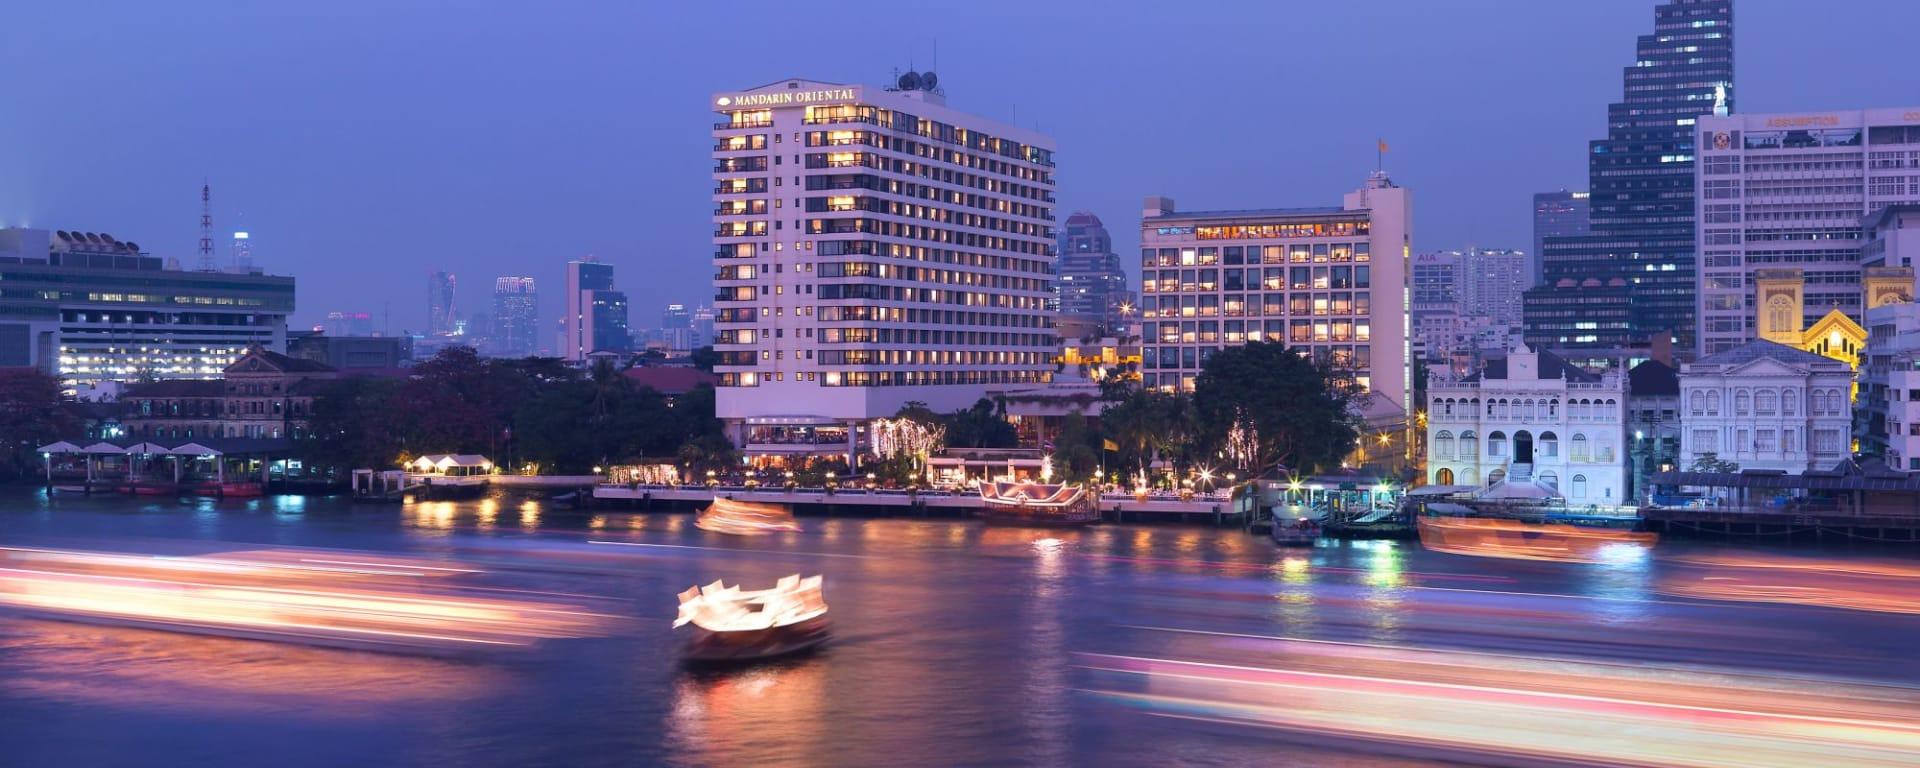 Mandarin Oriental à Bangkok: Exterior